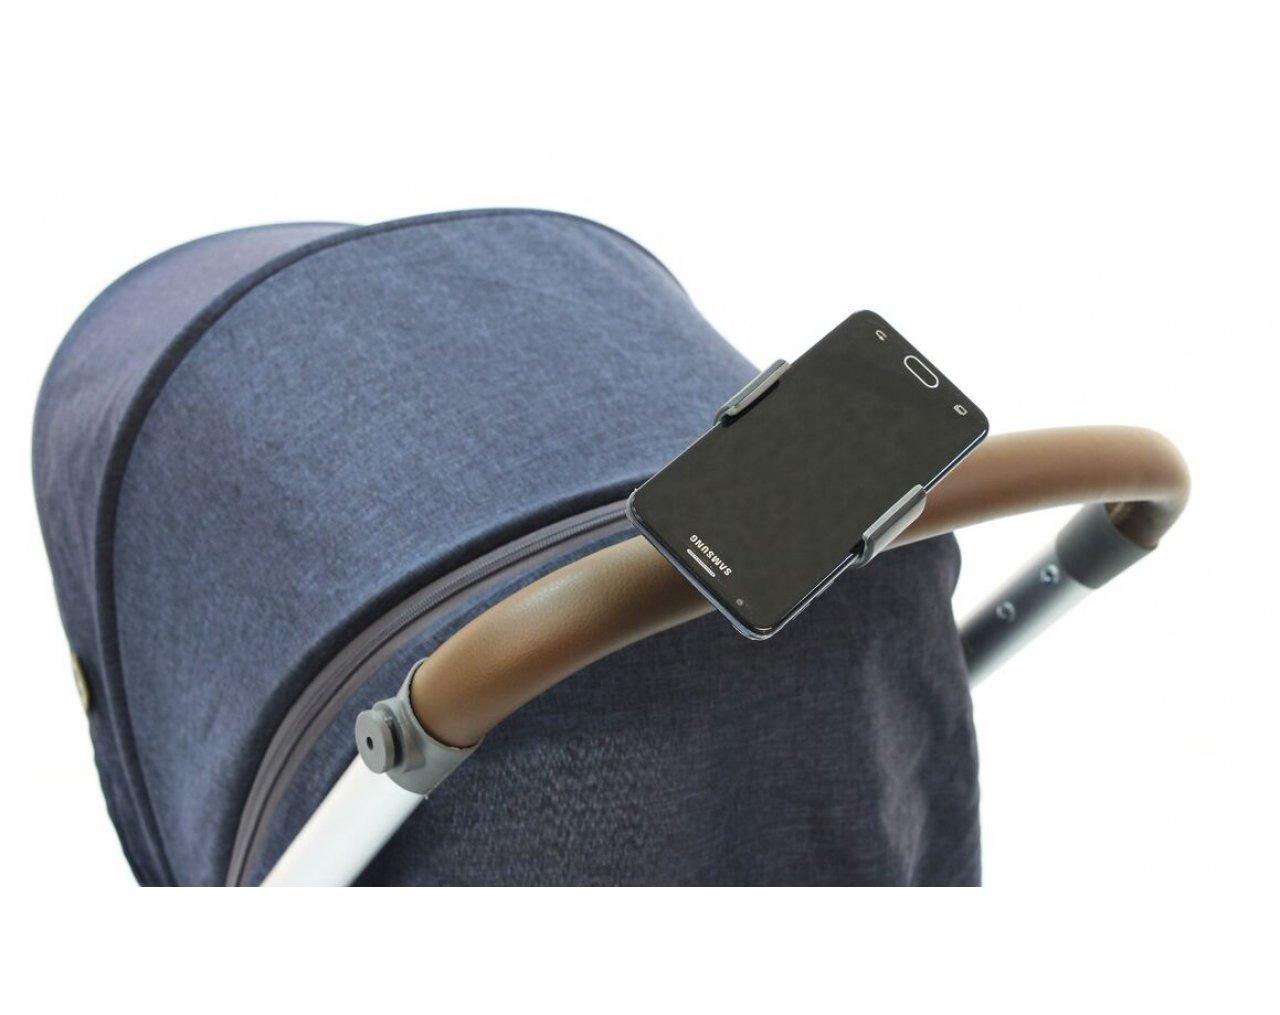 Ролик короткий для мобильного, Короткое видео - скачать порно на телефон андроид 29 фотография